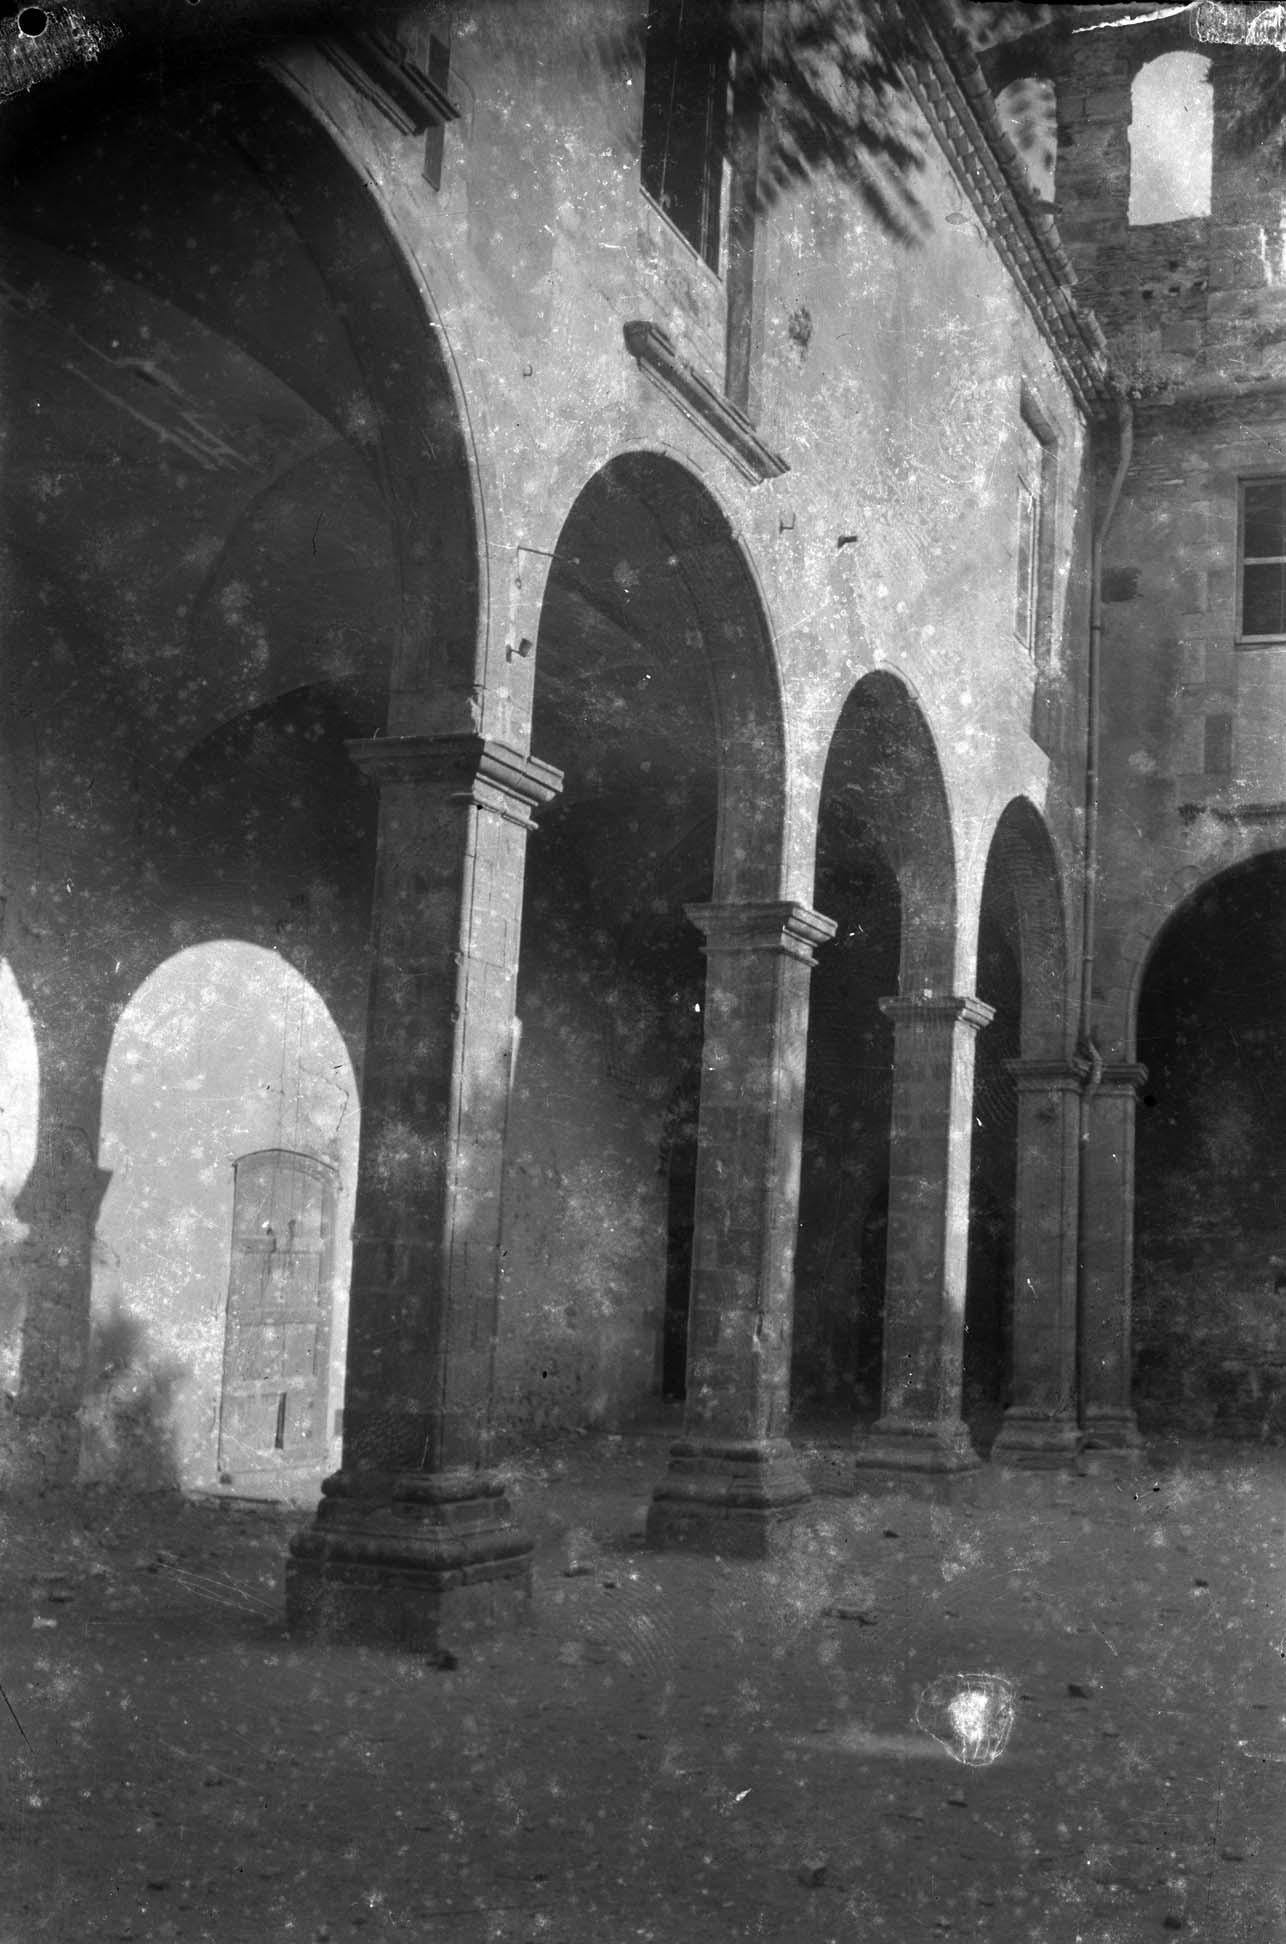 Vista parcial del Palau dels Comtes, o antic convent de Sant Domènec, a Castelló d'Empúries, entre els anys 1942 i 1944 (ACGAX. Fons Sadurní Brunet Pi. Autor: Sadurní Brunet)